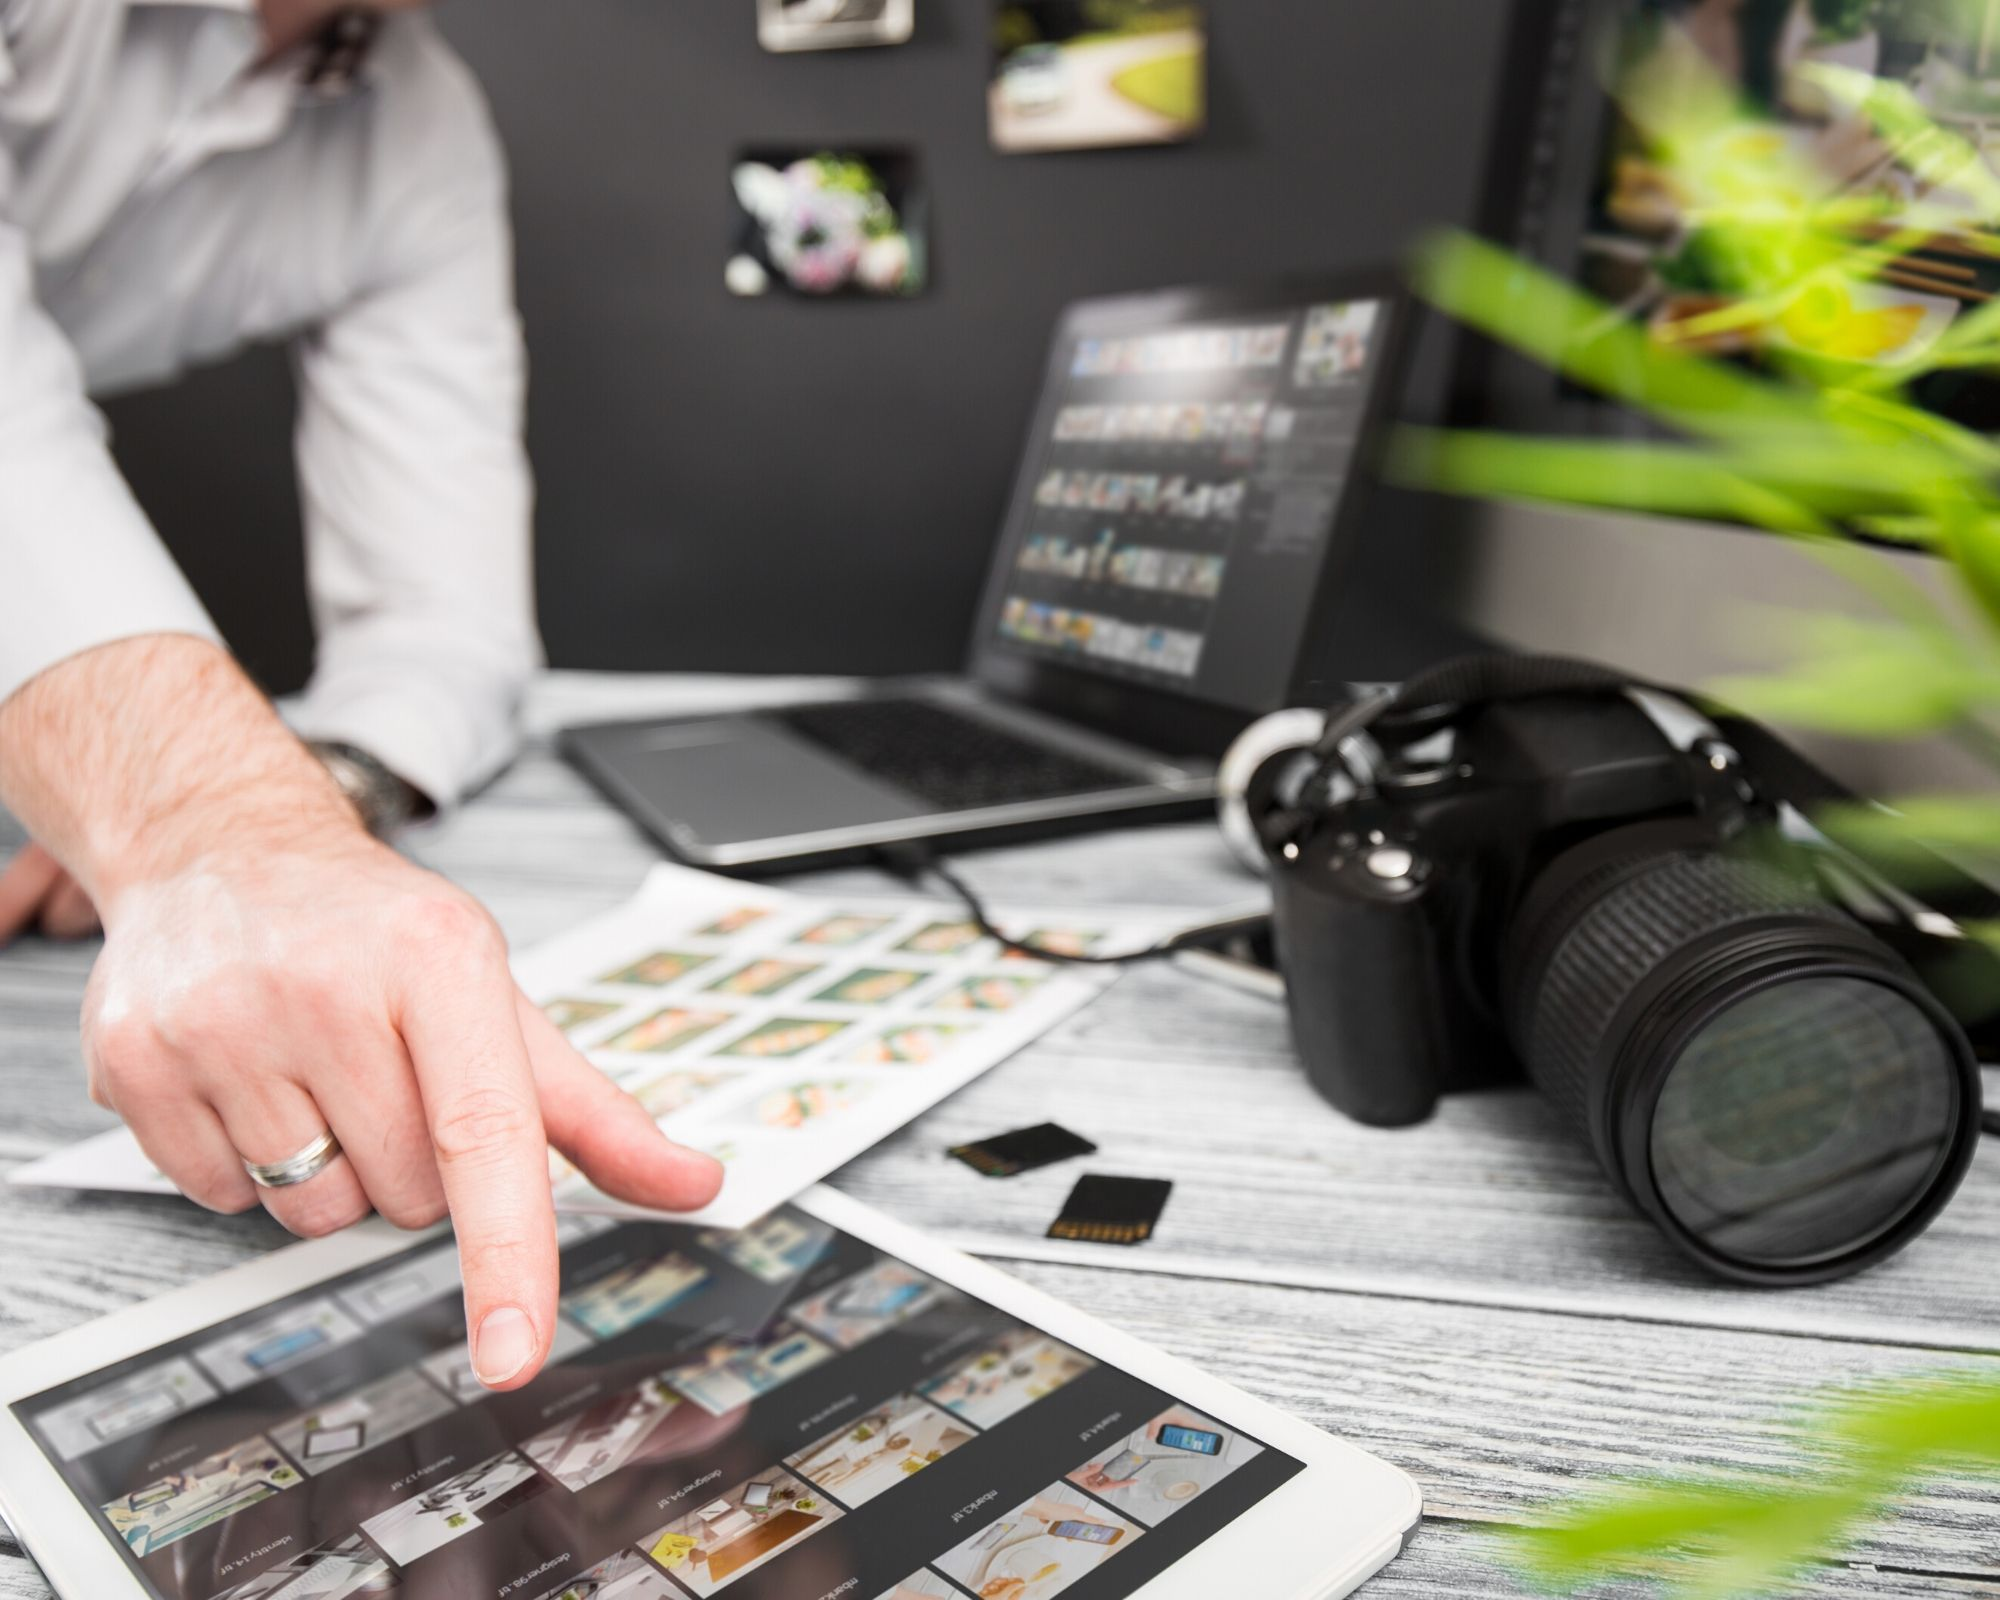 Obróbka zdjęć w programie do edycji